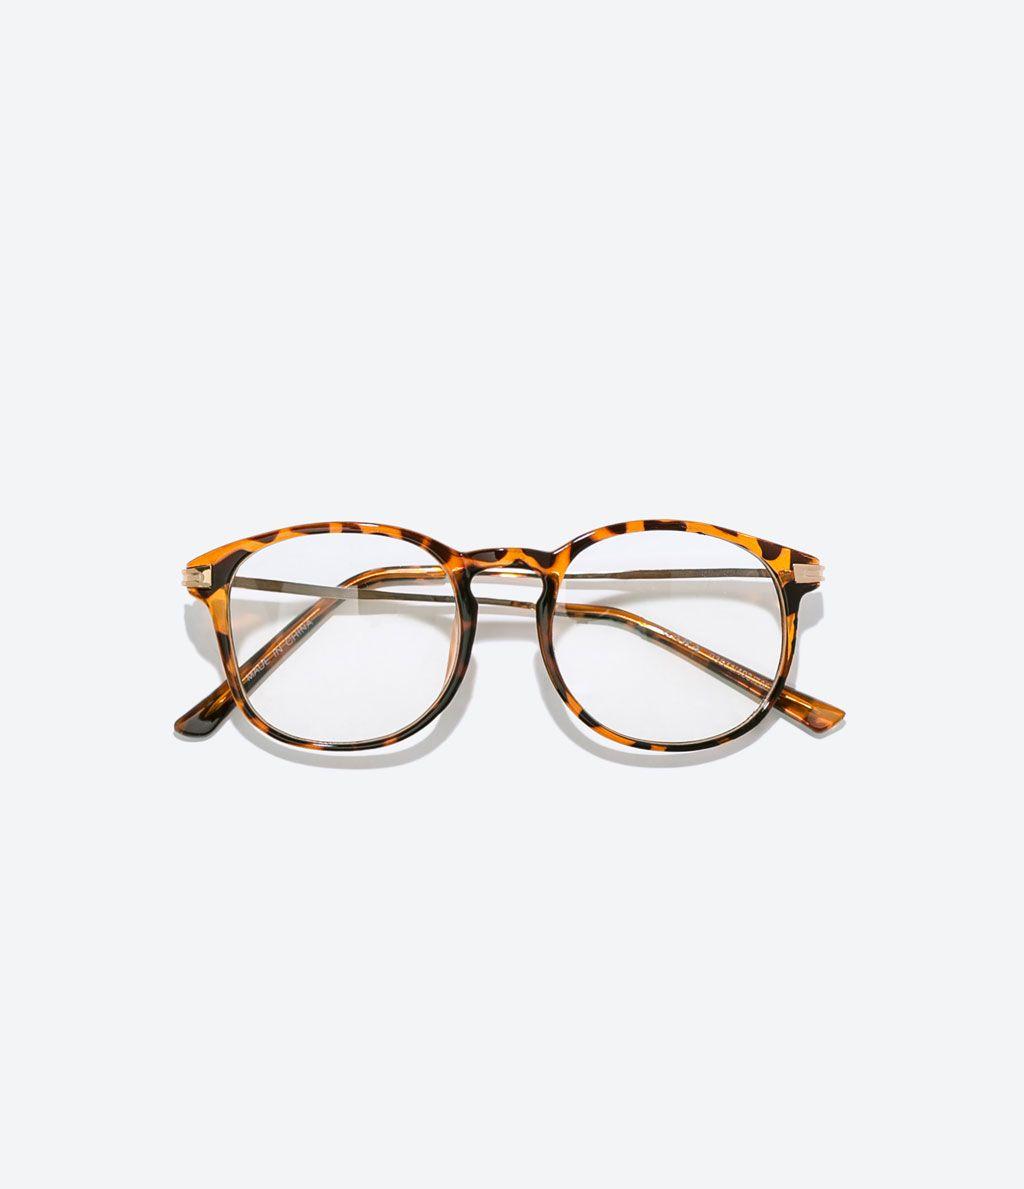 M s de 25 ideas fant sticas sobre gafas de ver en - Para ver fotos ...